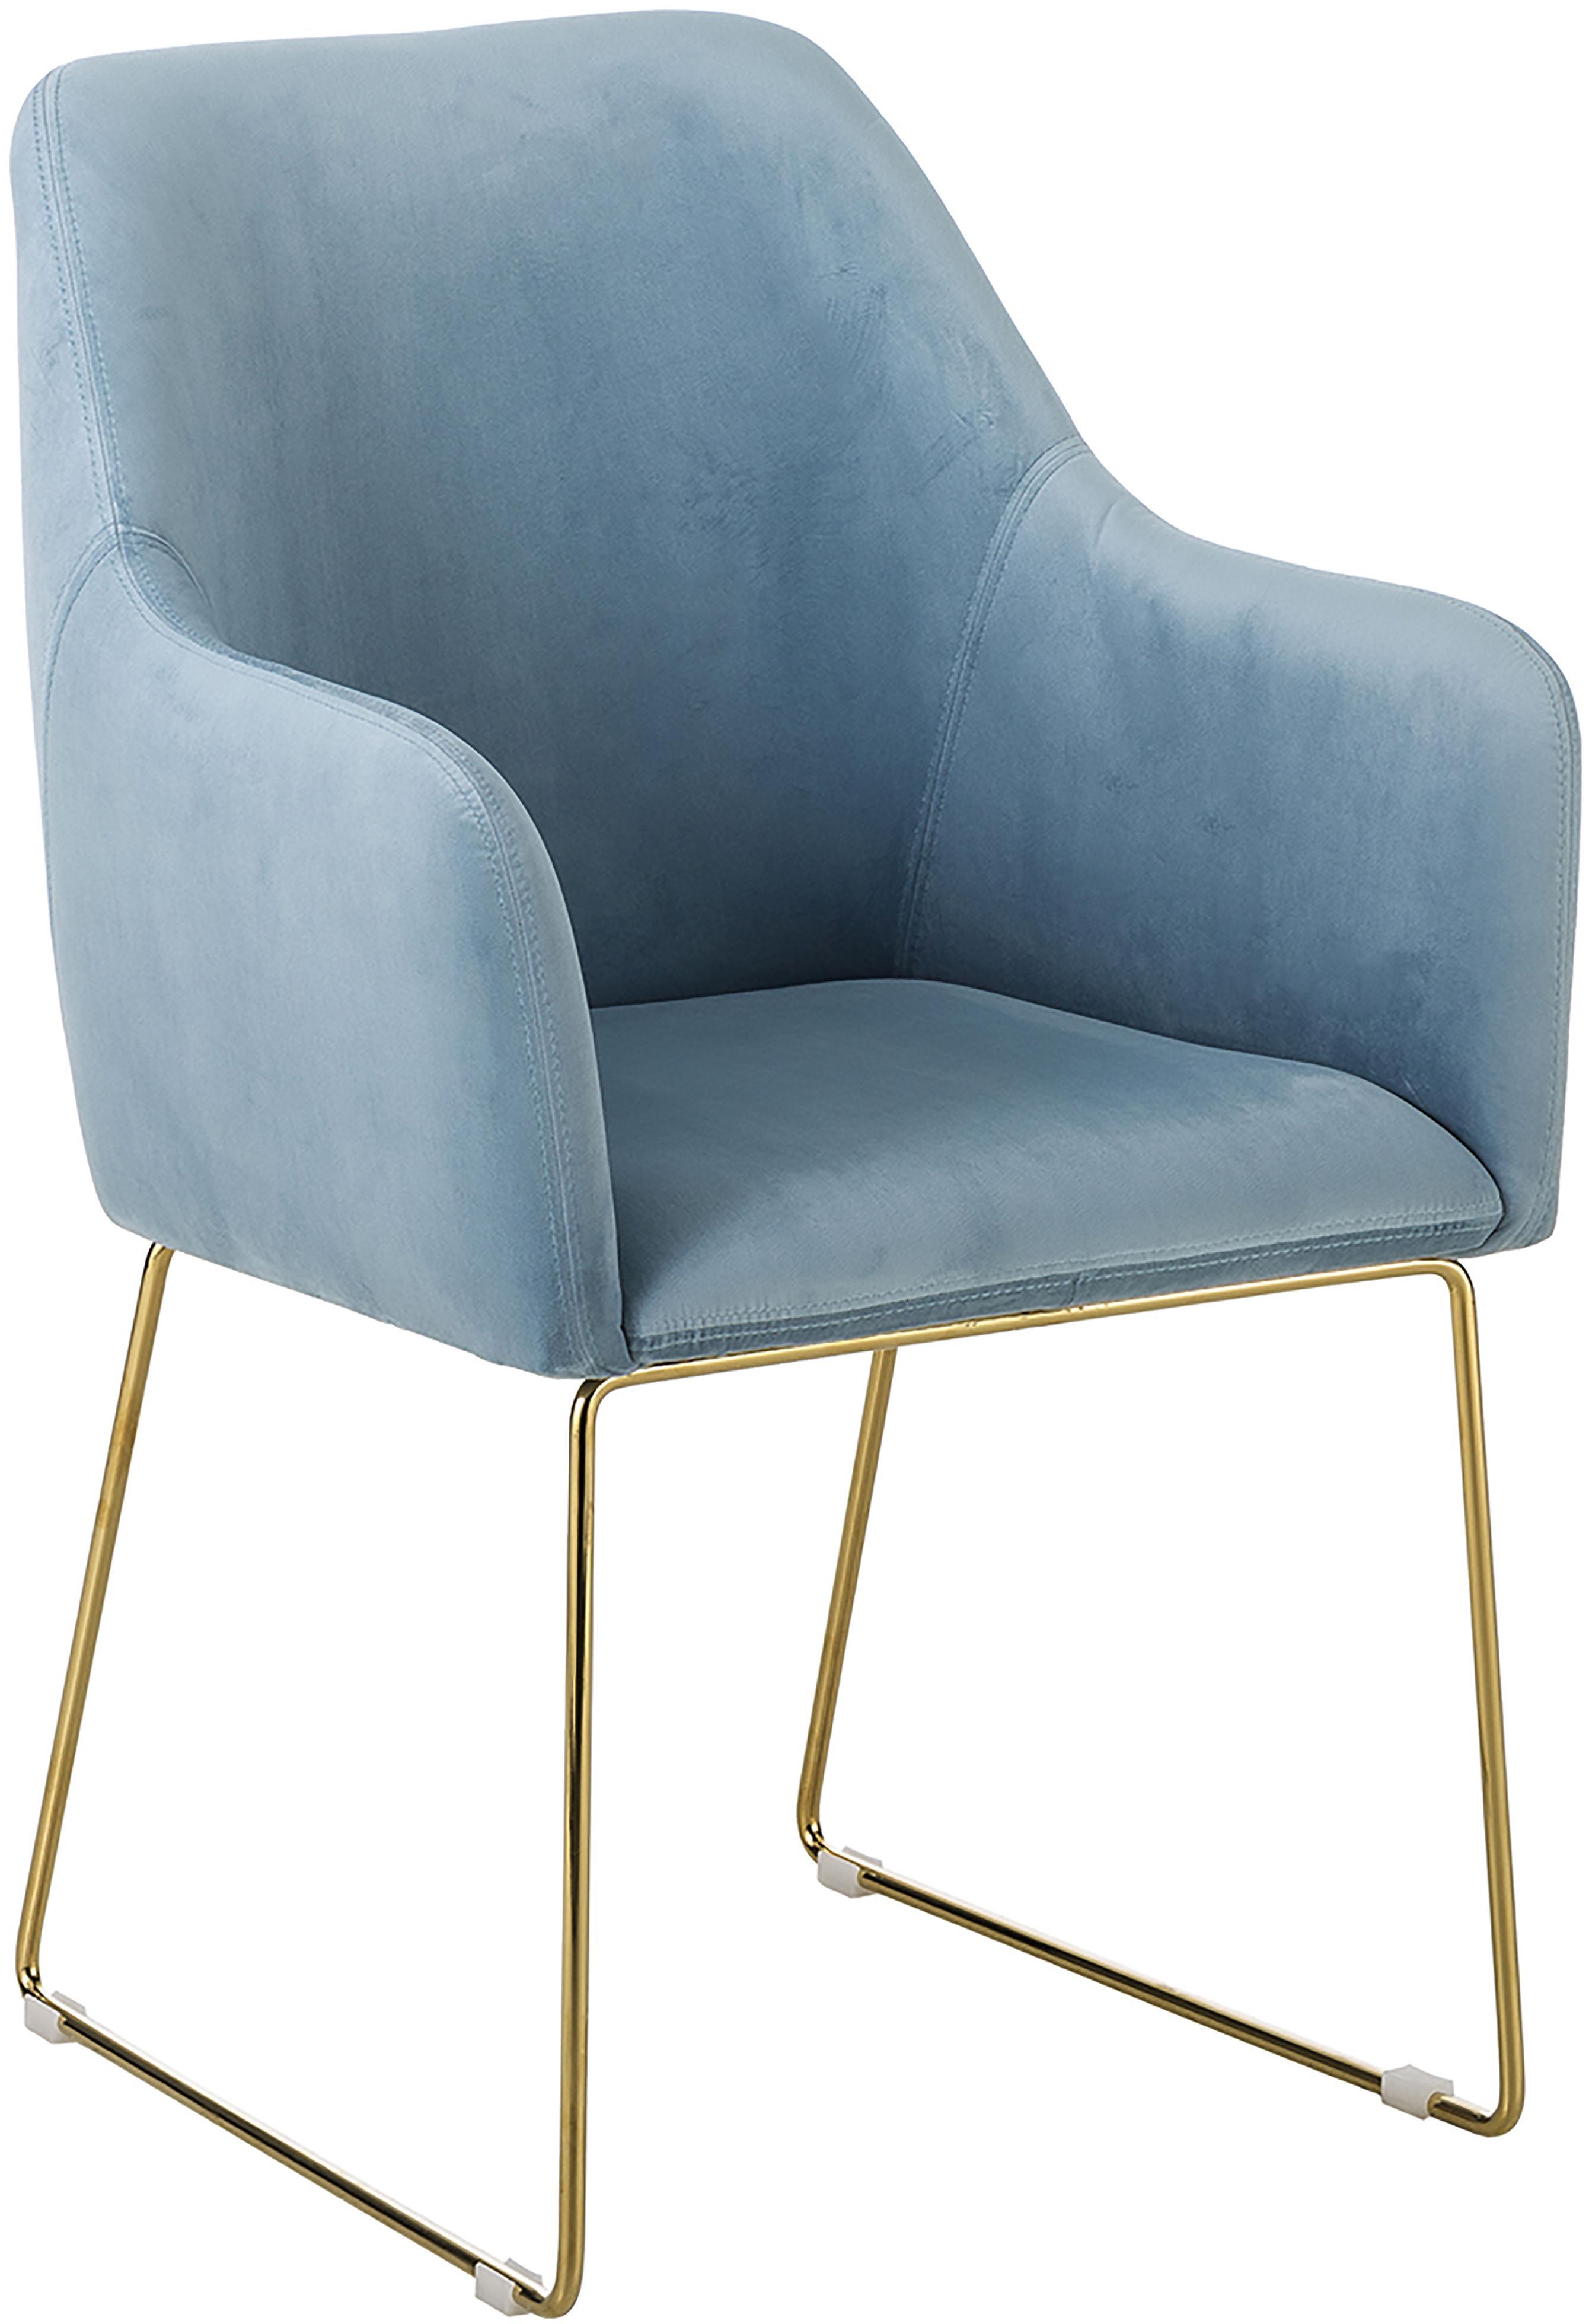 Sedia in velluto con braccioli Isla, Rivestimento: velluto (poliestere) 50.0, Gambe: metallo, rivestito, Velluto azzurro, gambe oro, Larg. 58 x Prof. 62 cm